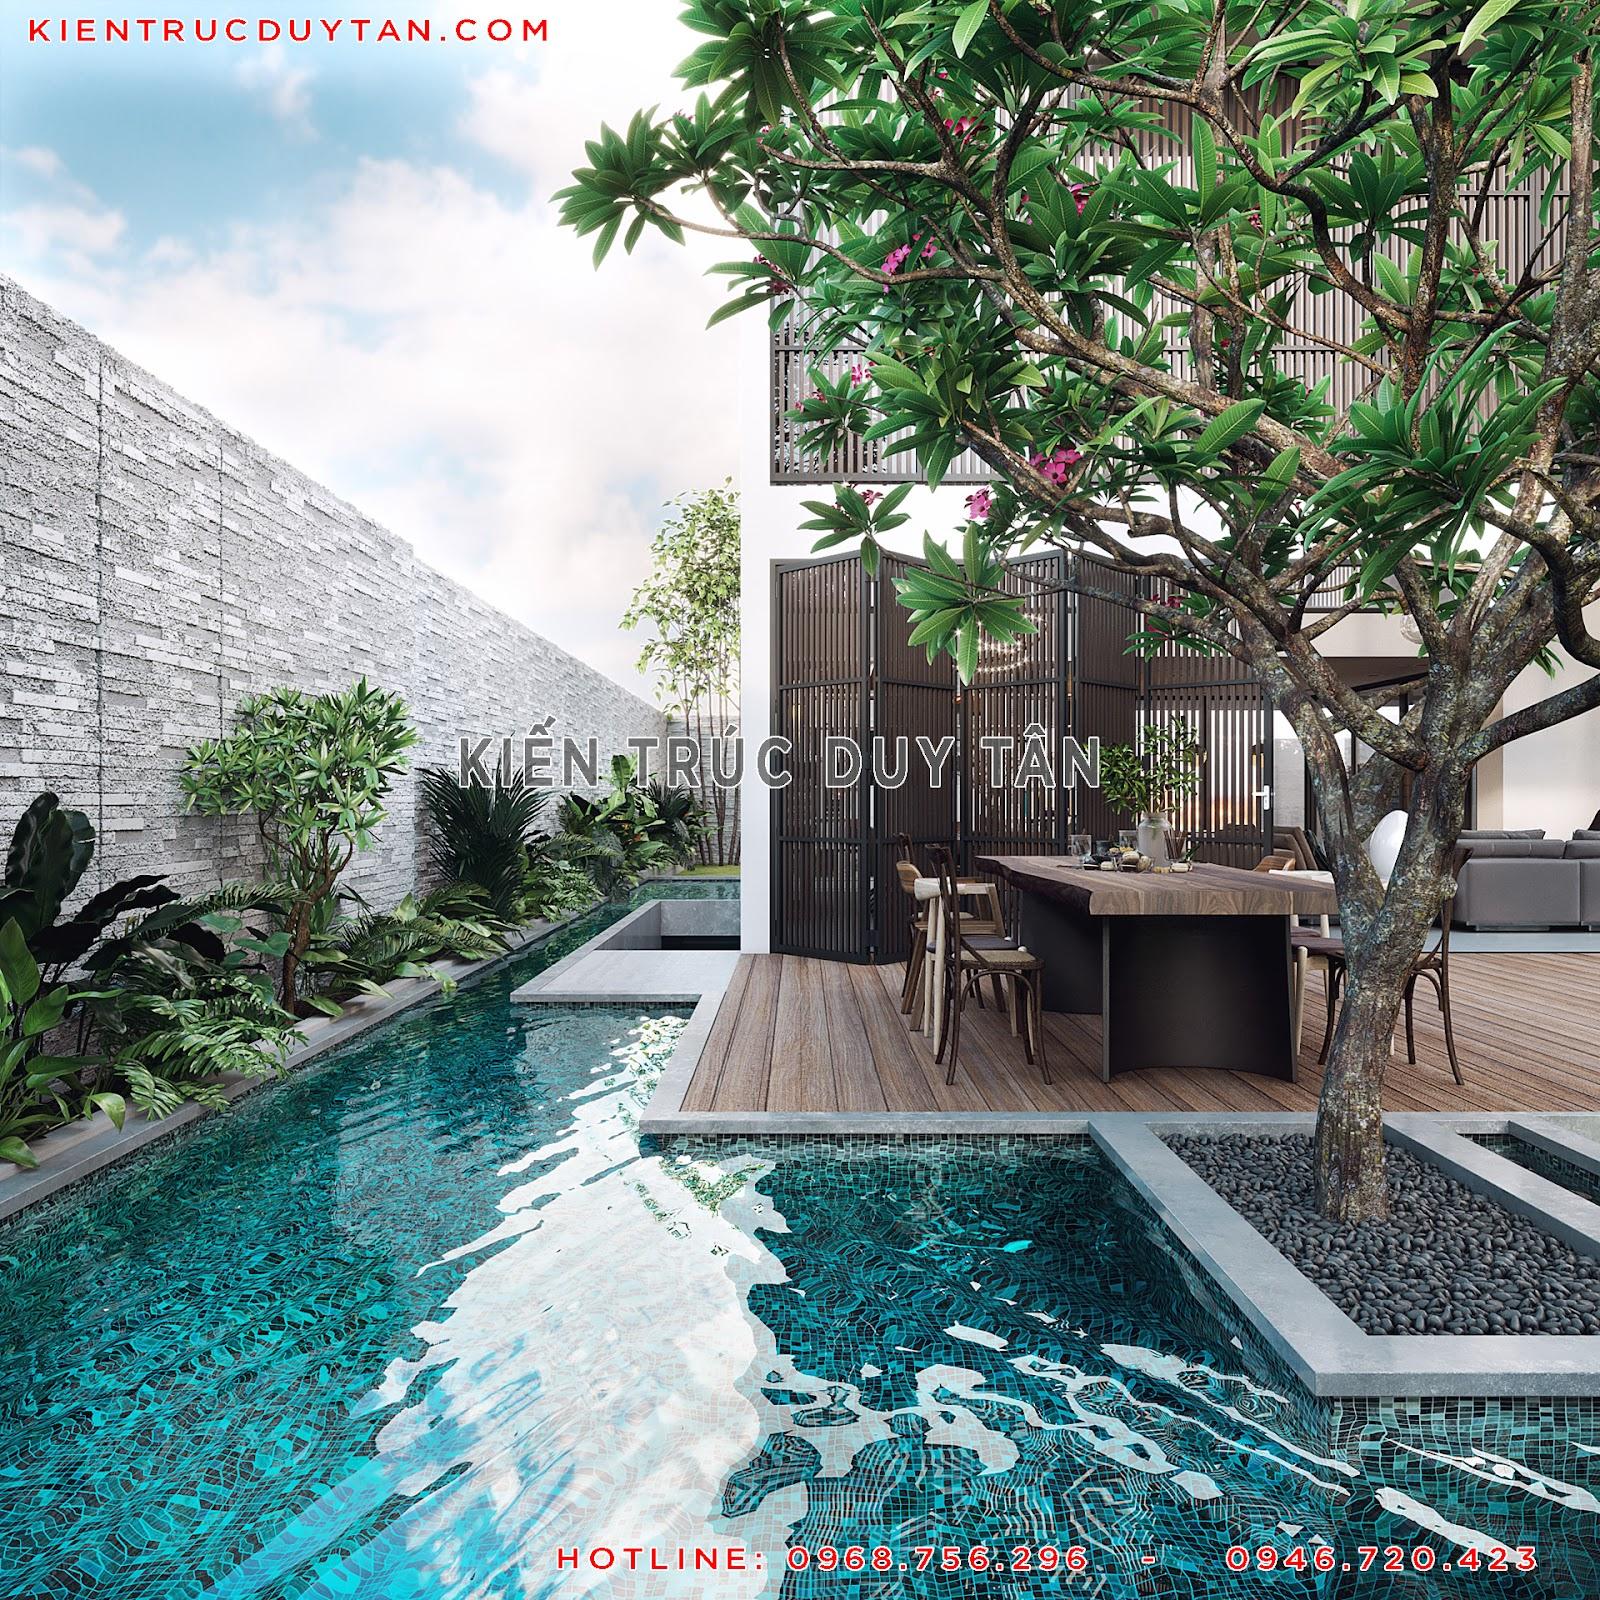 Thiết kế bể bơi cho mẫu biệt thự 2 tầng